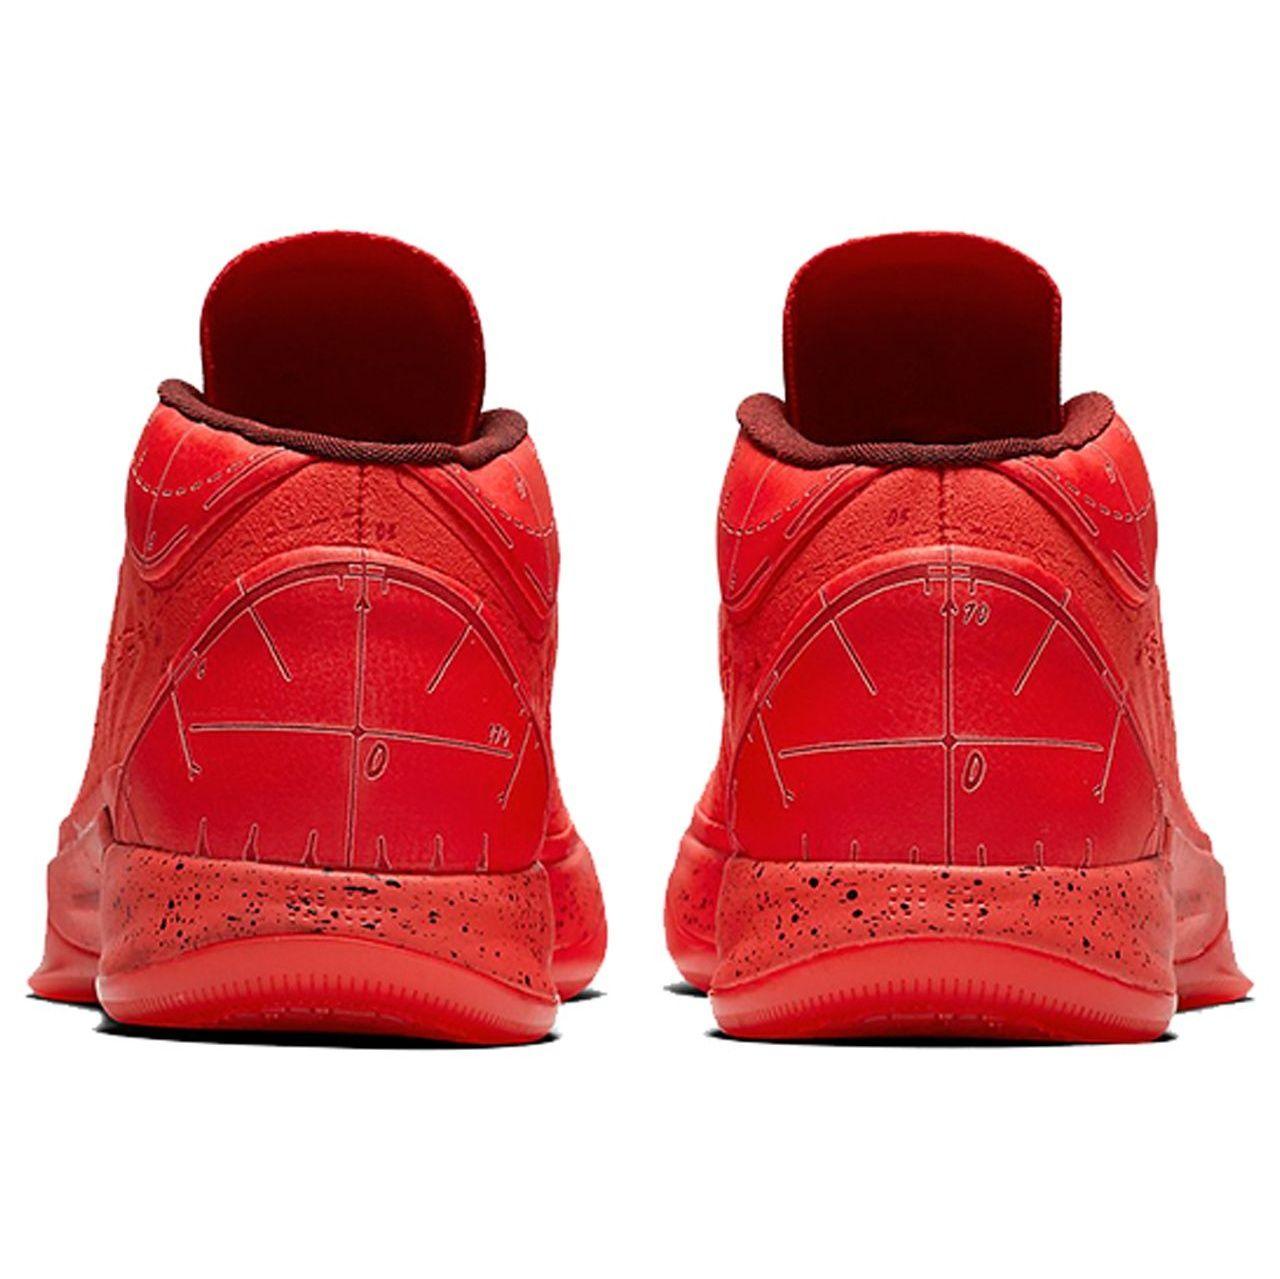 کفش ورزشی مخصوص دویدن و پیاده روی مردانه نایکی مدل Nike Kobe Red  main 1 2